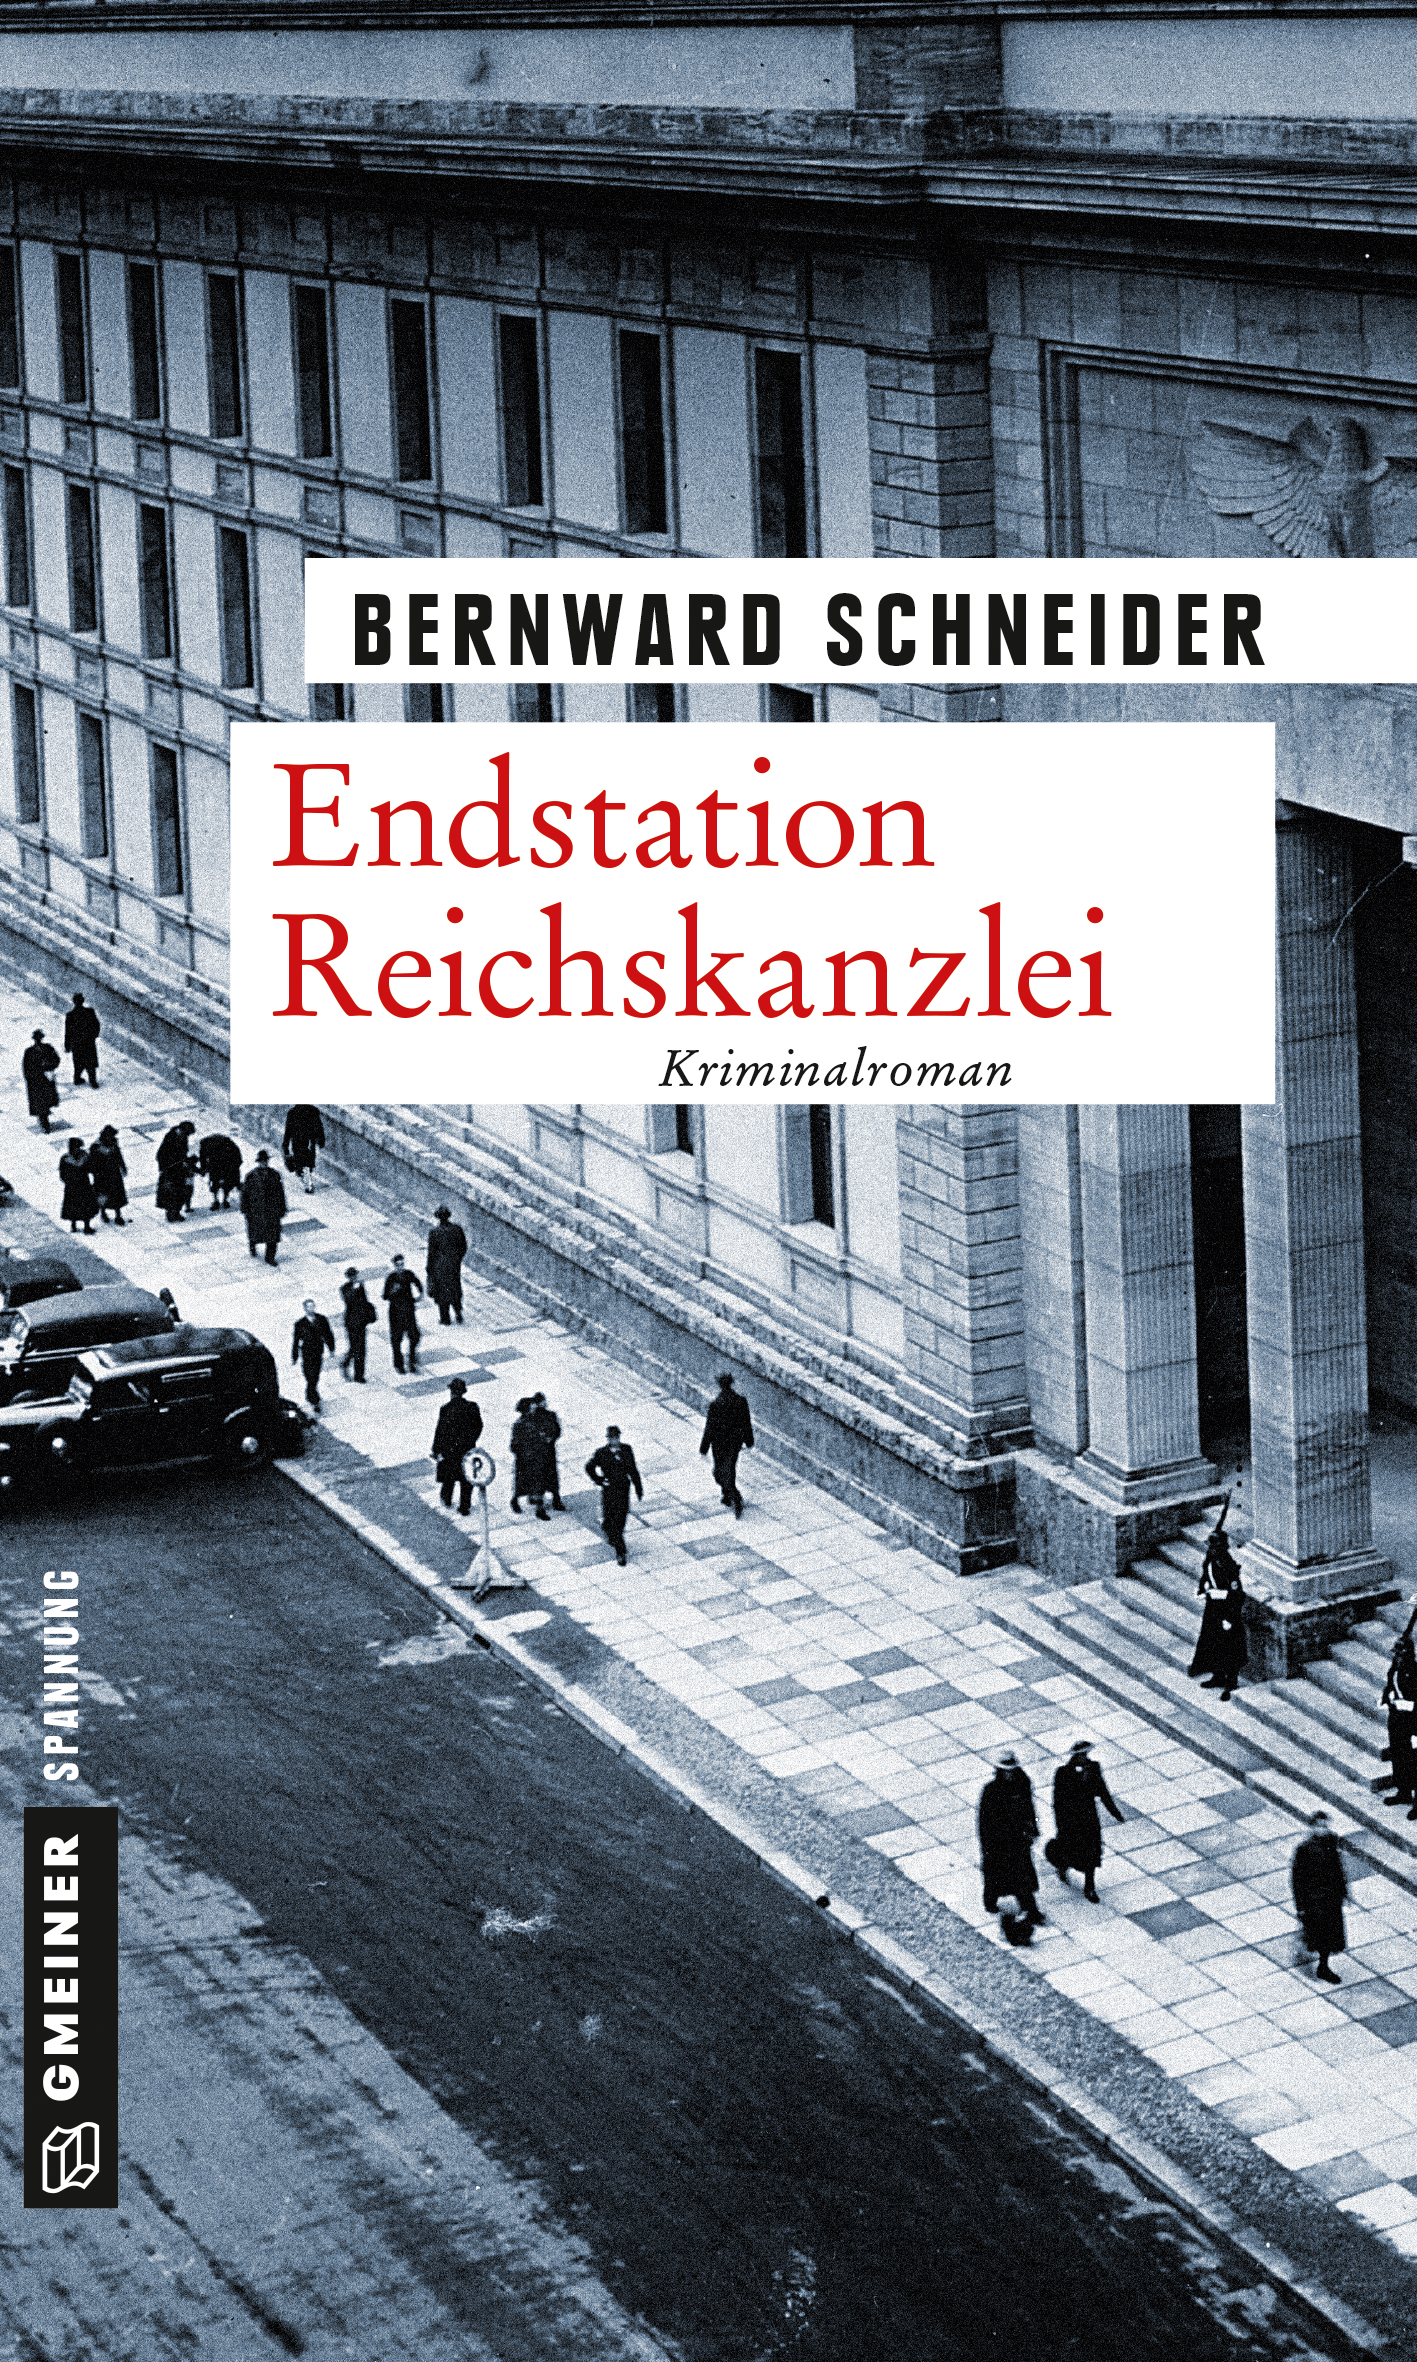 Endstation Reichskanzlei Bernward Schneider